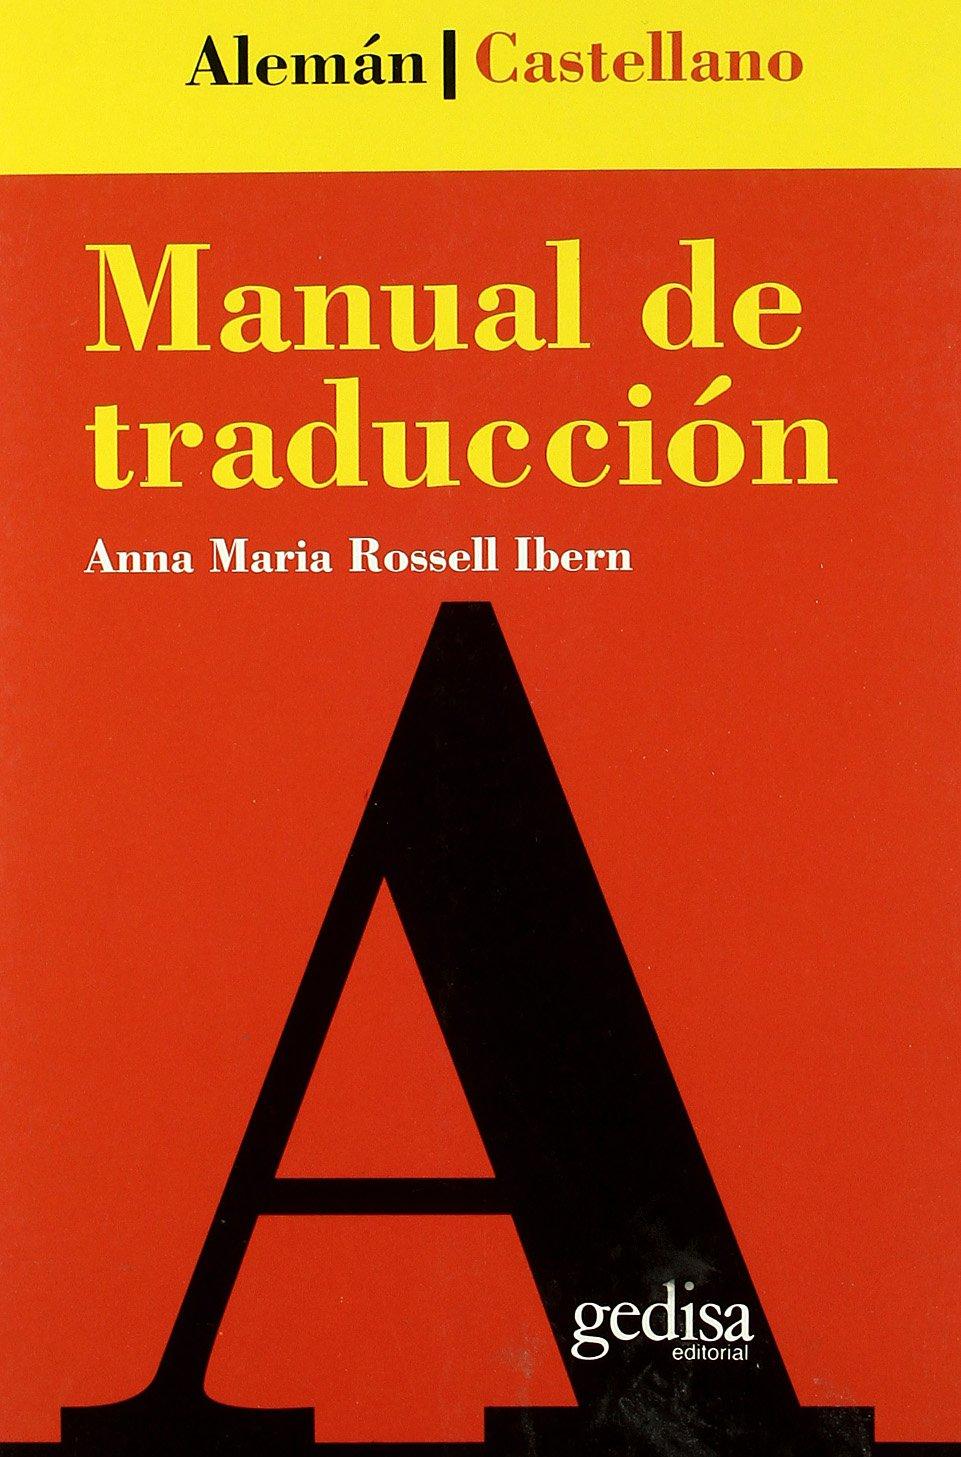 Portada del libro «Manual de traducción (alemán-castellano)», de la escritora y filóloga alemana Anna Rossell